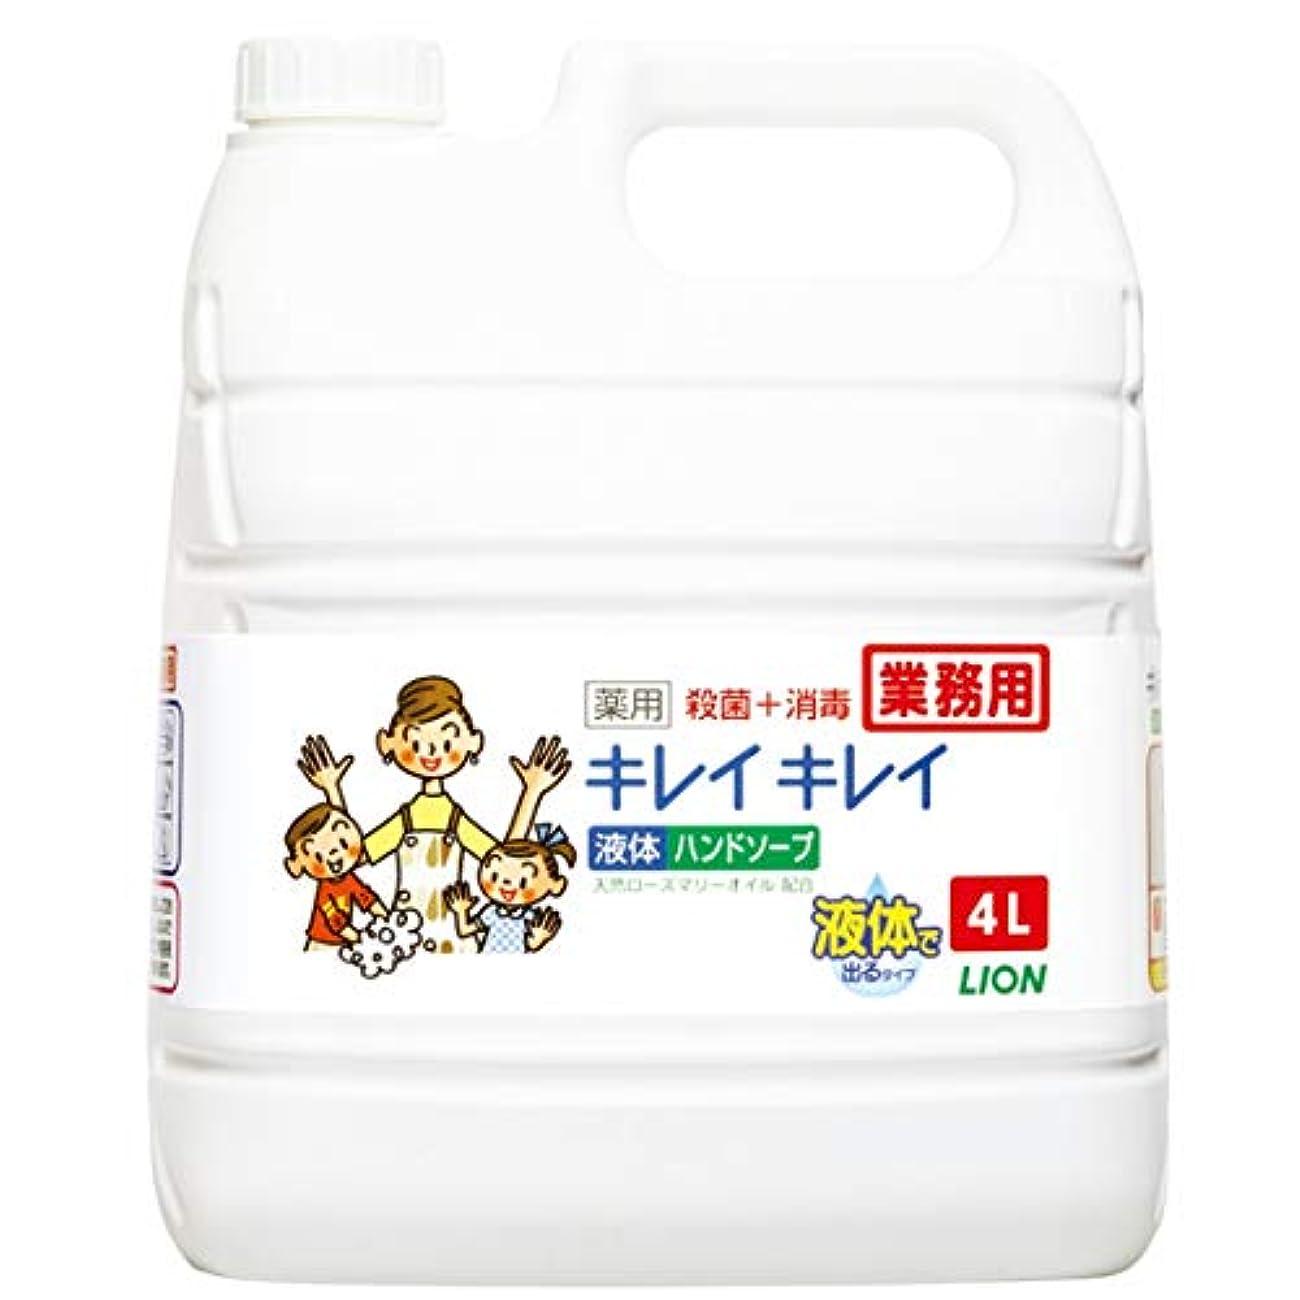 エトナ山墓素子【業務用 大容量】キレイキレイ 薬用 ハンドソープ  4L(医薬部外品)